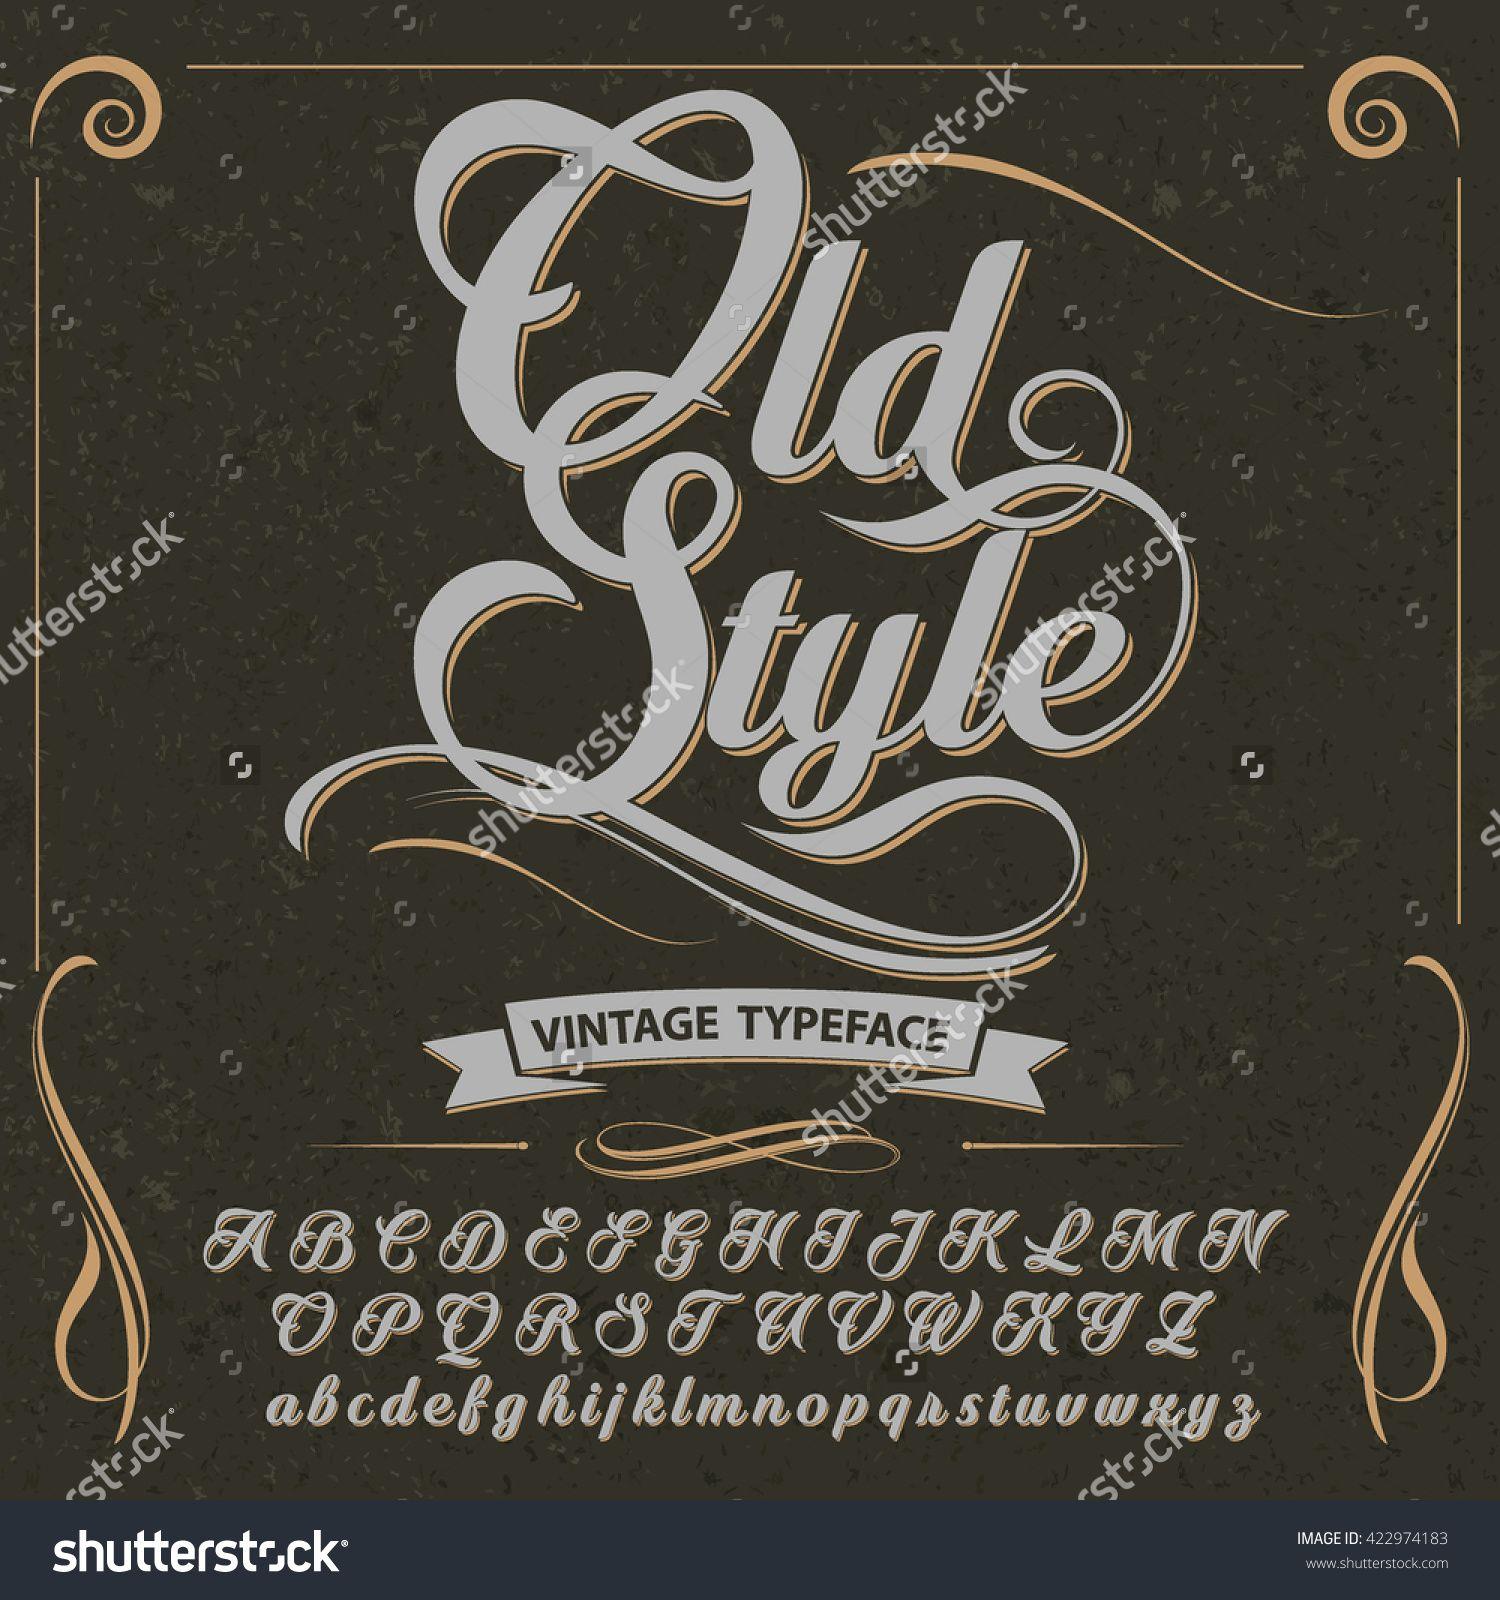 Stock Vector Font Typeface Script Old Style Vintage Script Font Vector Typeface For Labels And Any Lettering Alphabet Fancy Cursive Fonts Vintage Script Fonts